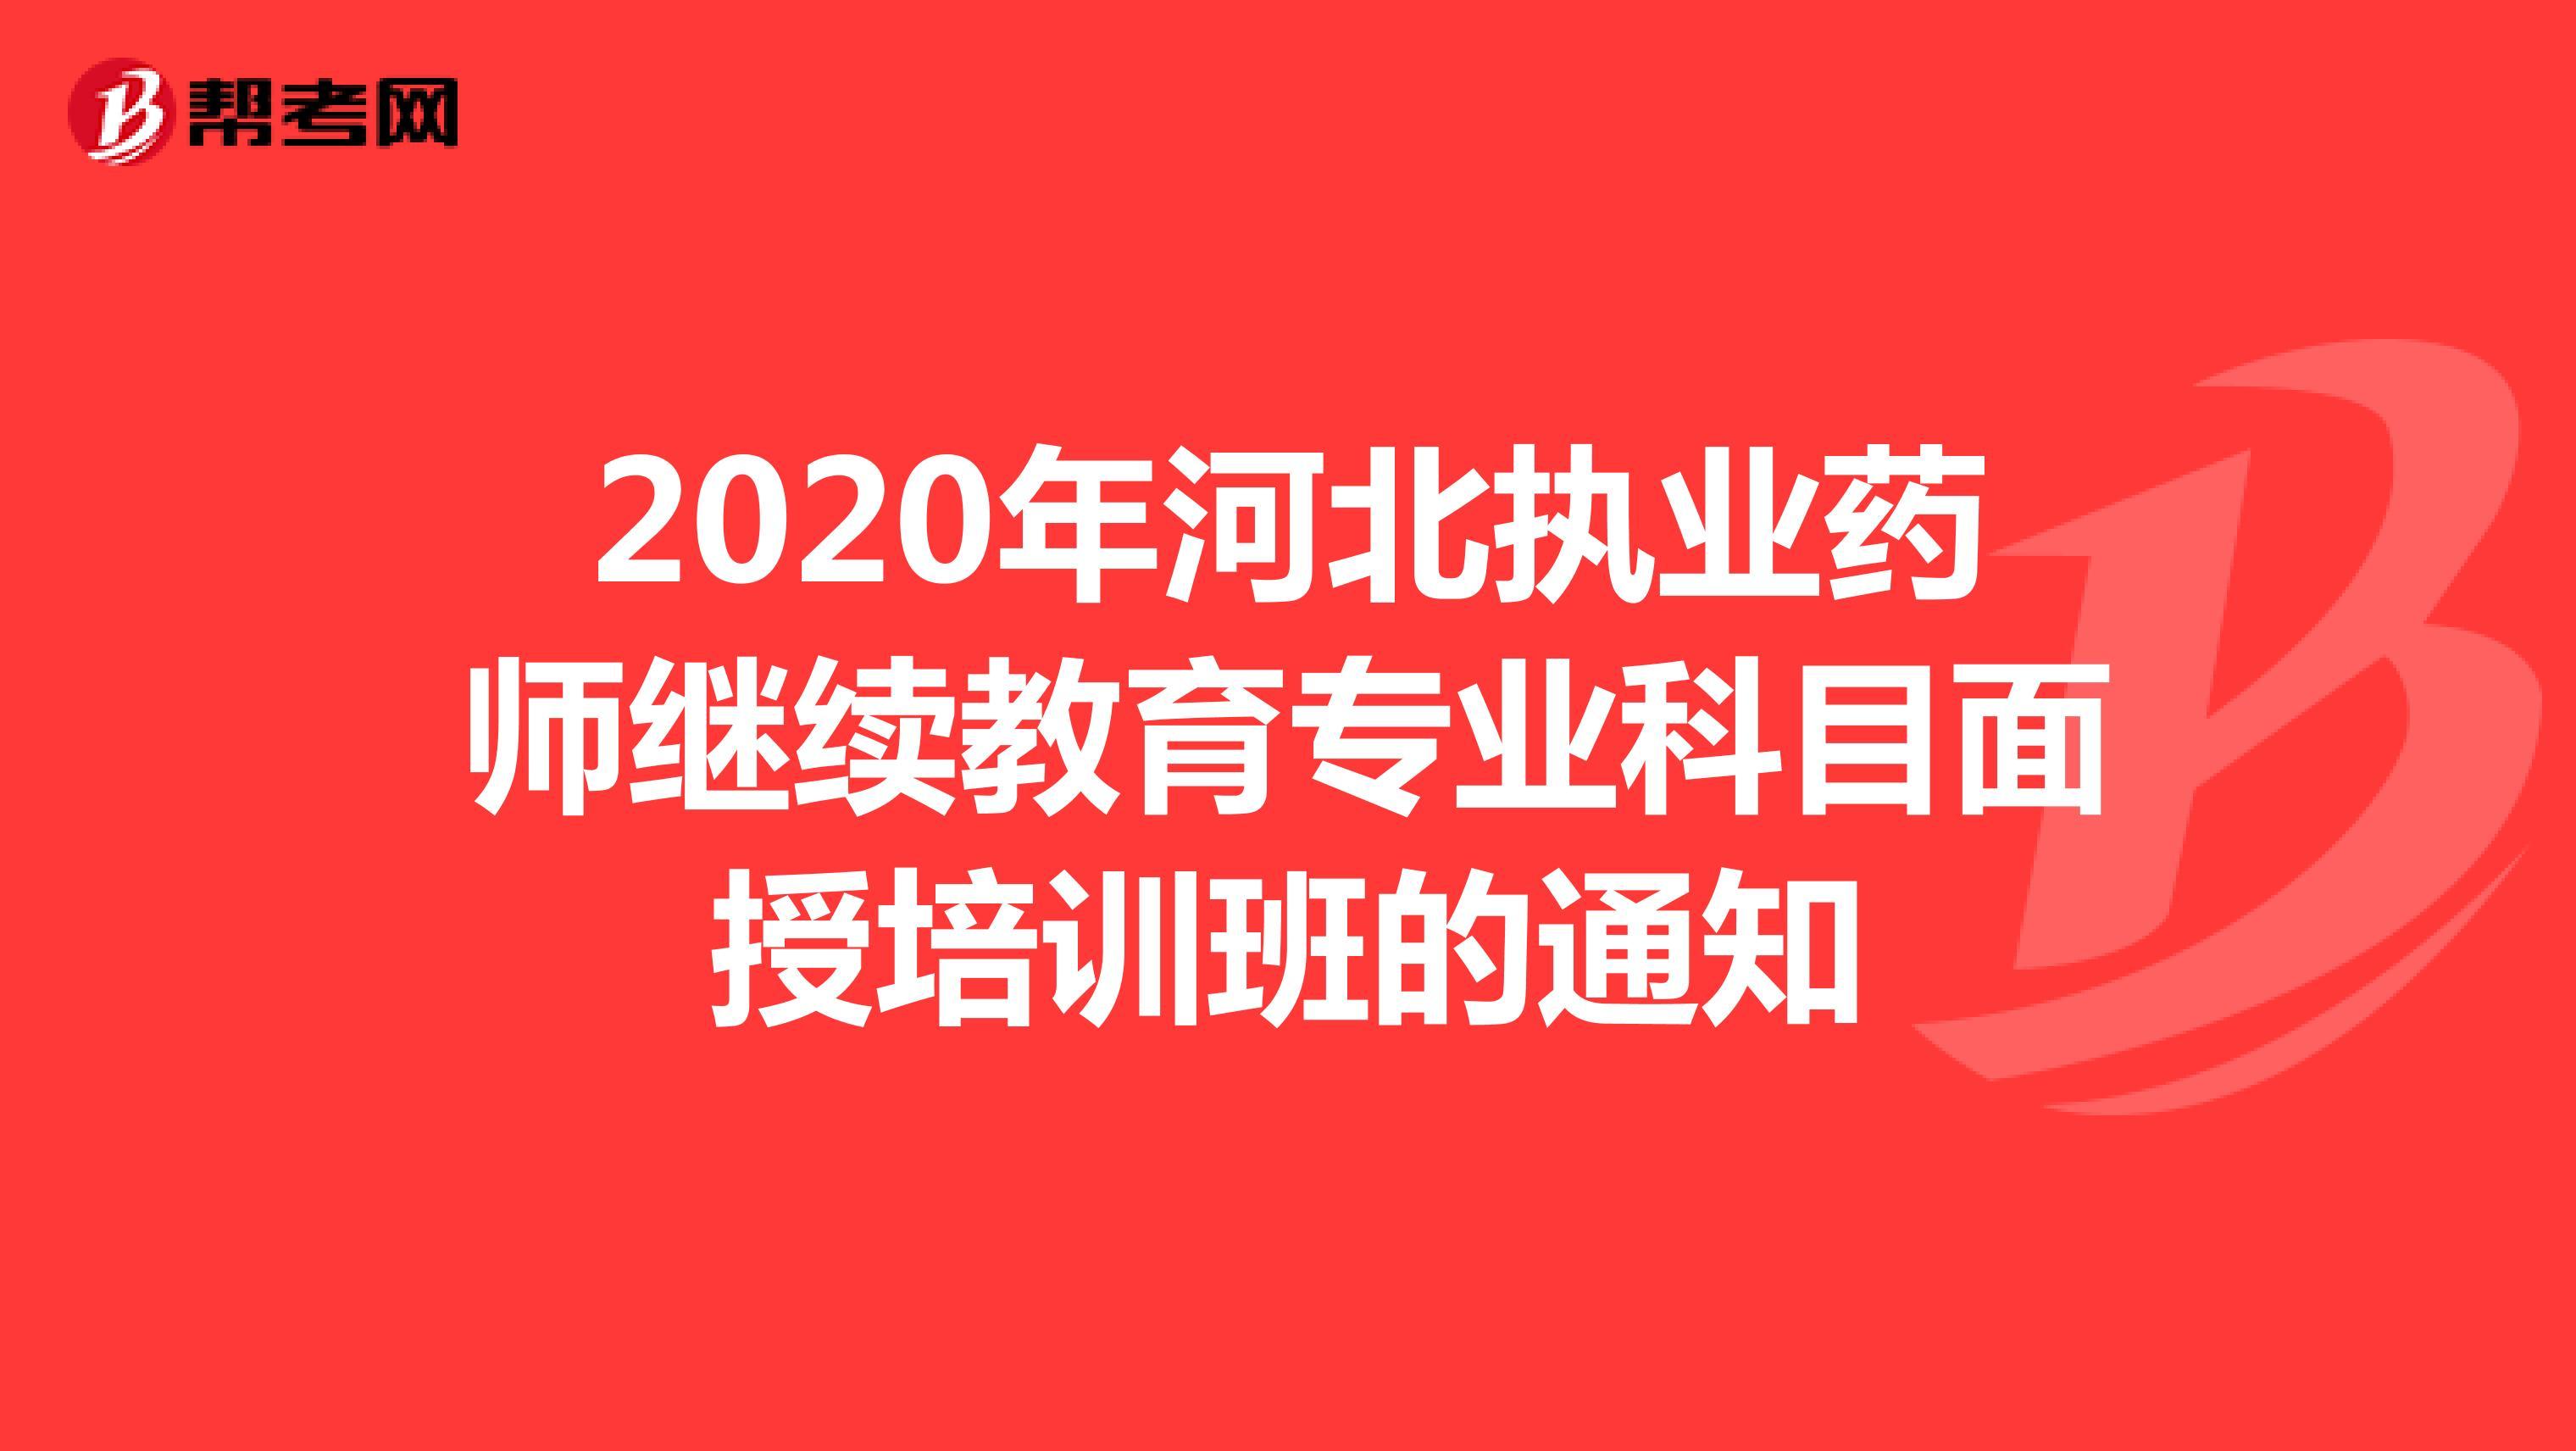 2020年河北雷火下载继续教育专业科目面授培训班的通知